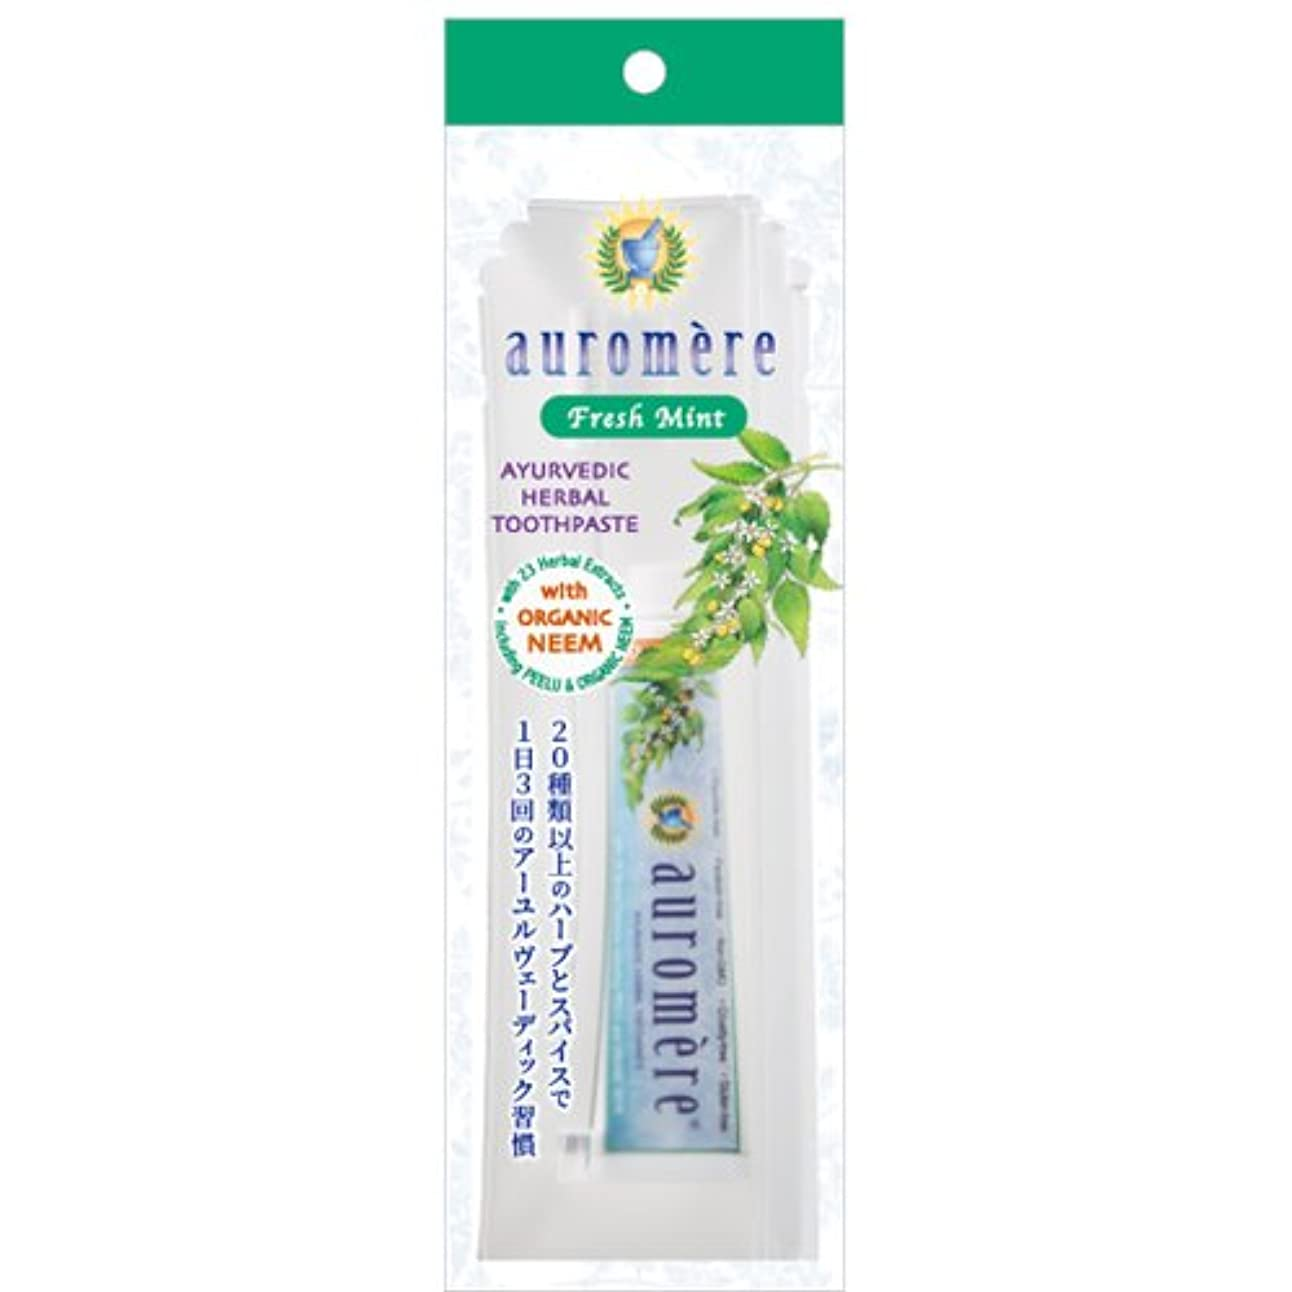 セールスマン不透明な安定オーロメア 歯磨き粉 フレッシュミント トラベルセット (30g)